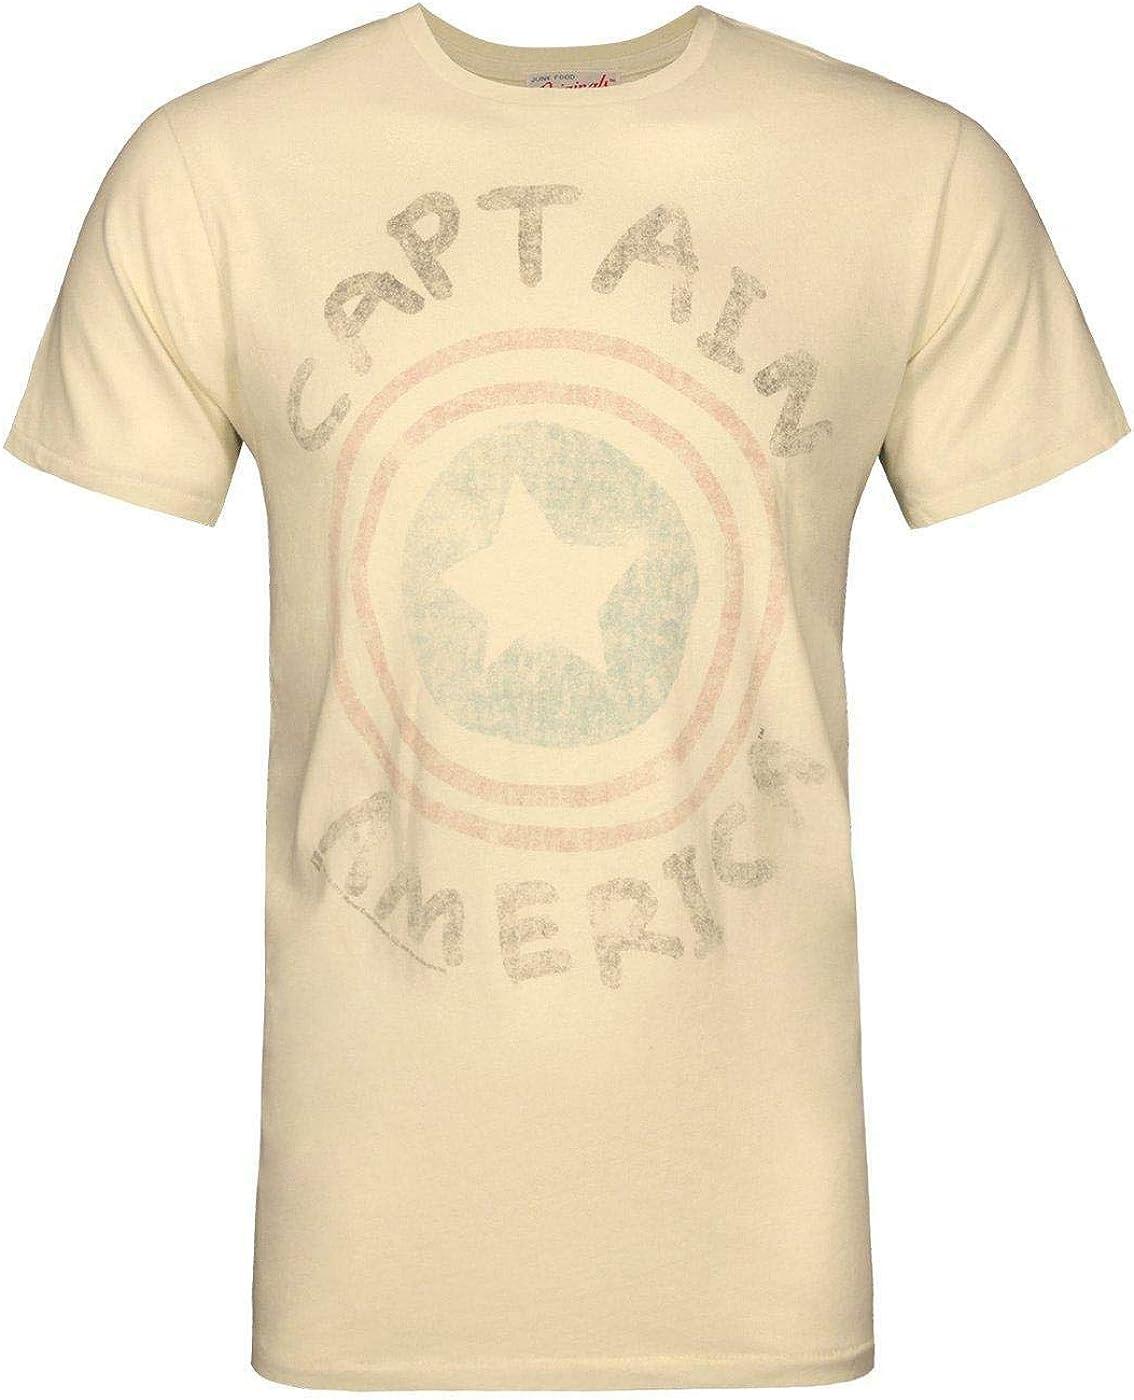 Junk Food Originals Captain America Logo Men's T-Shirt